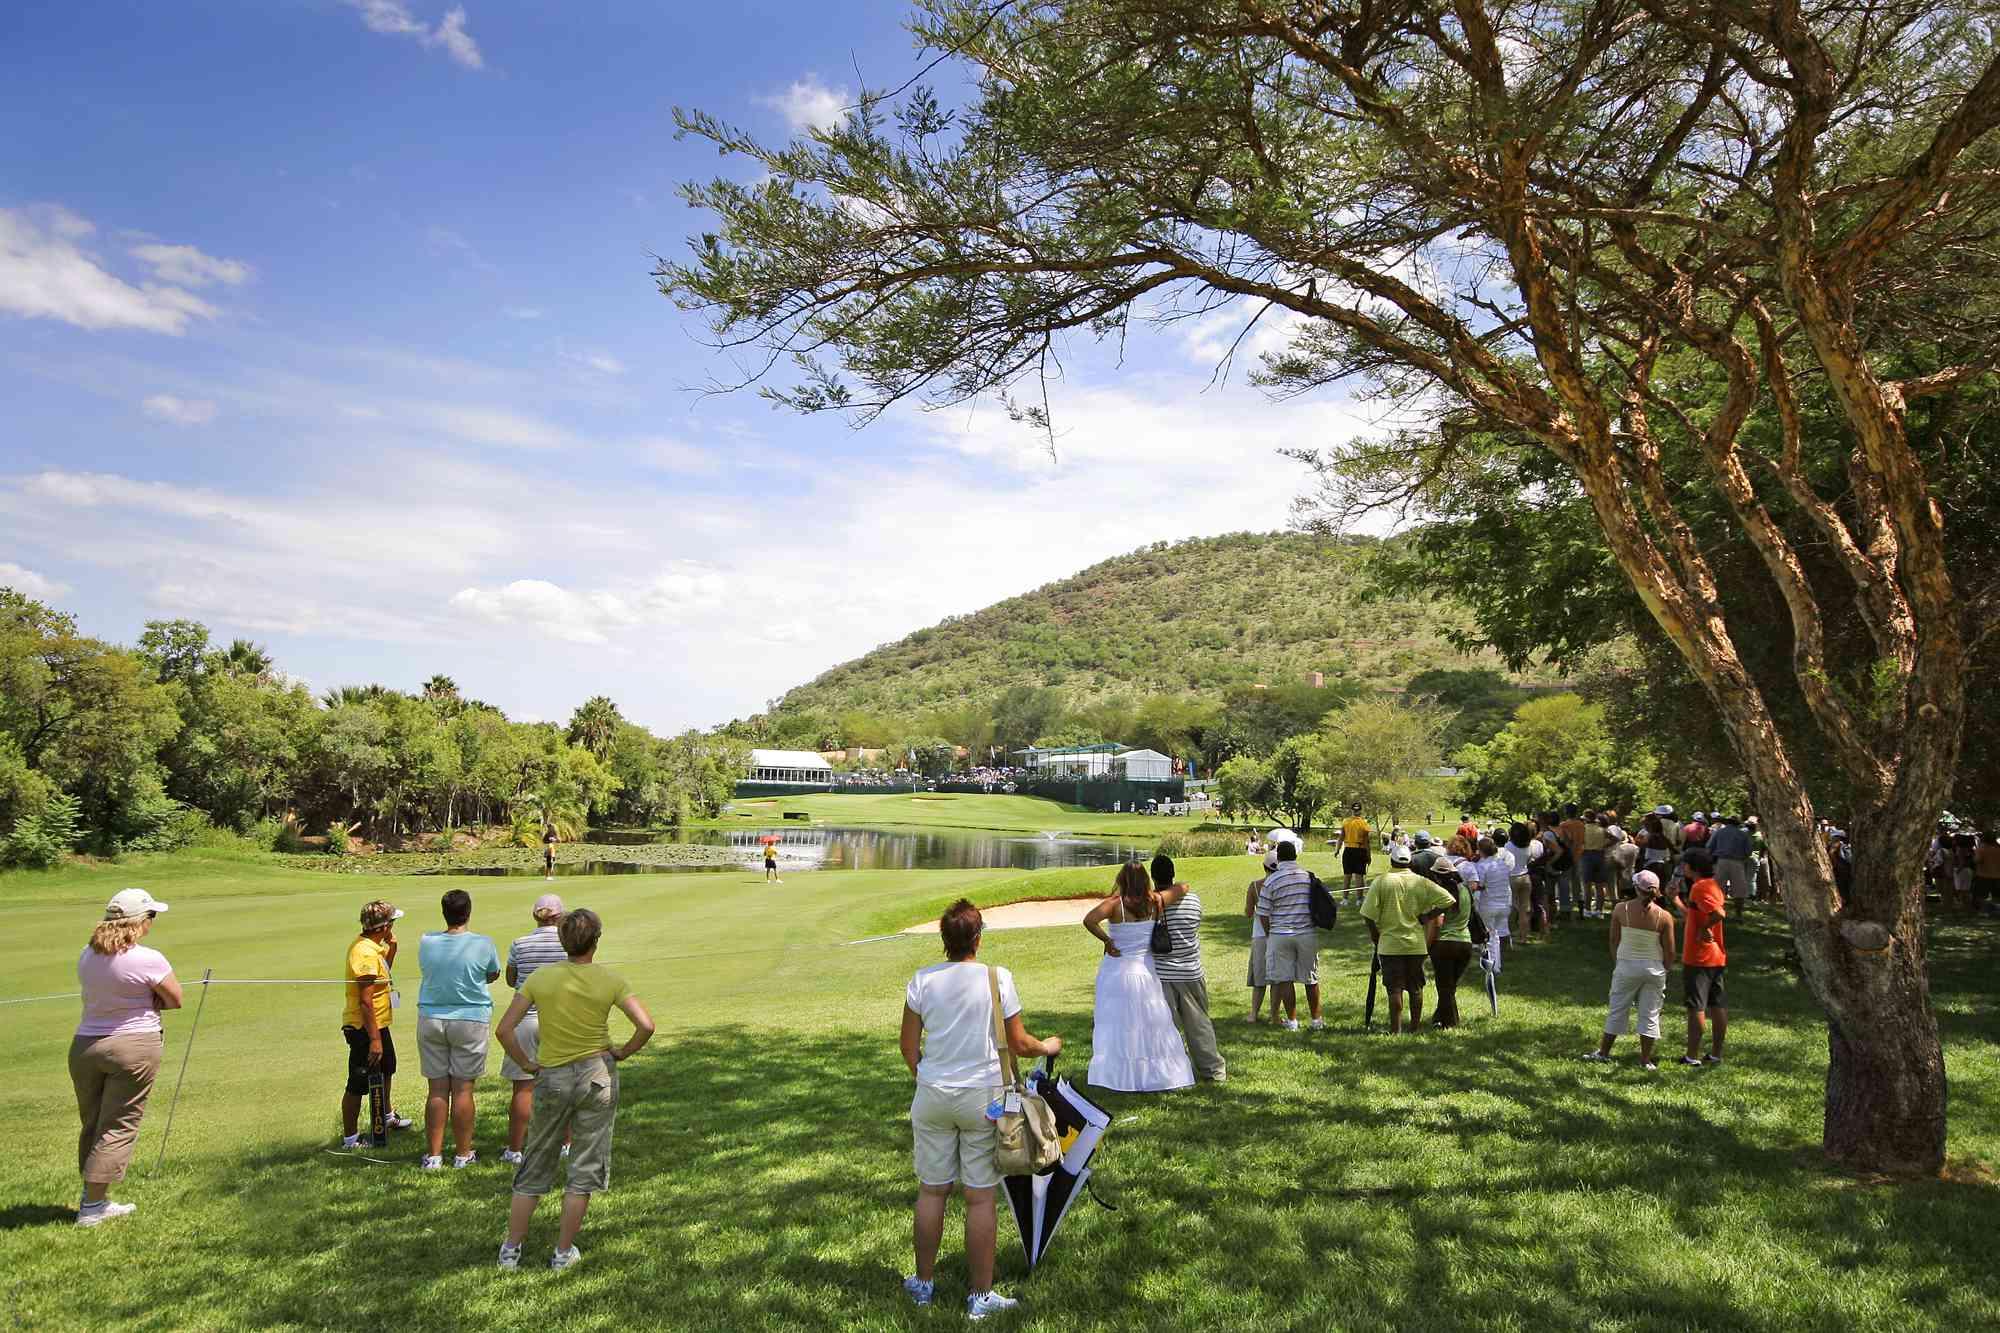 Espectadores que miran un juego de golf en Sun Centro turístico de la ciudad, Noroeste